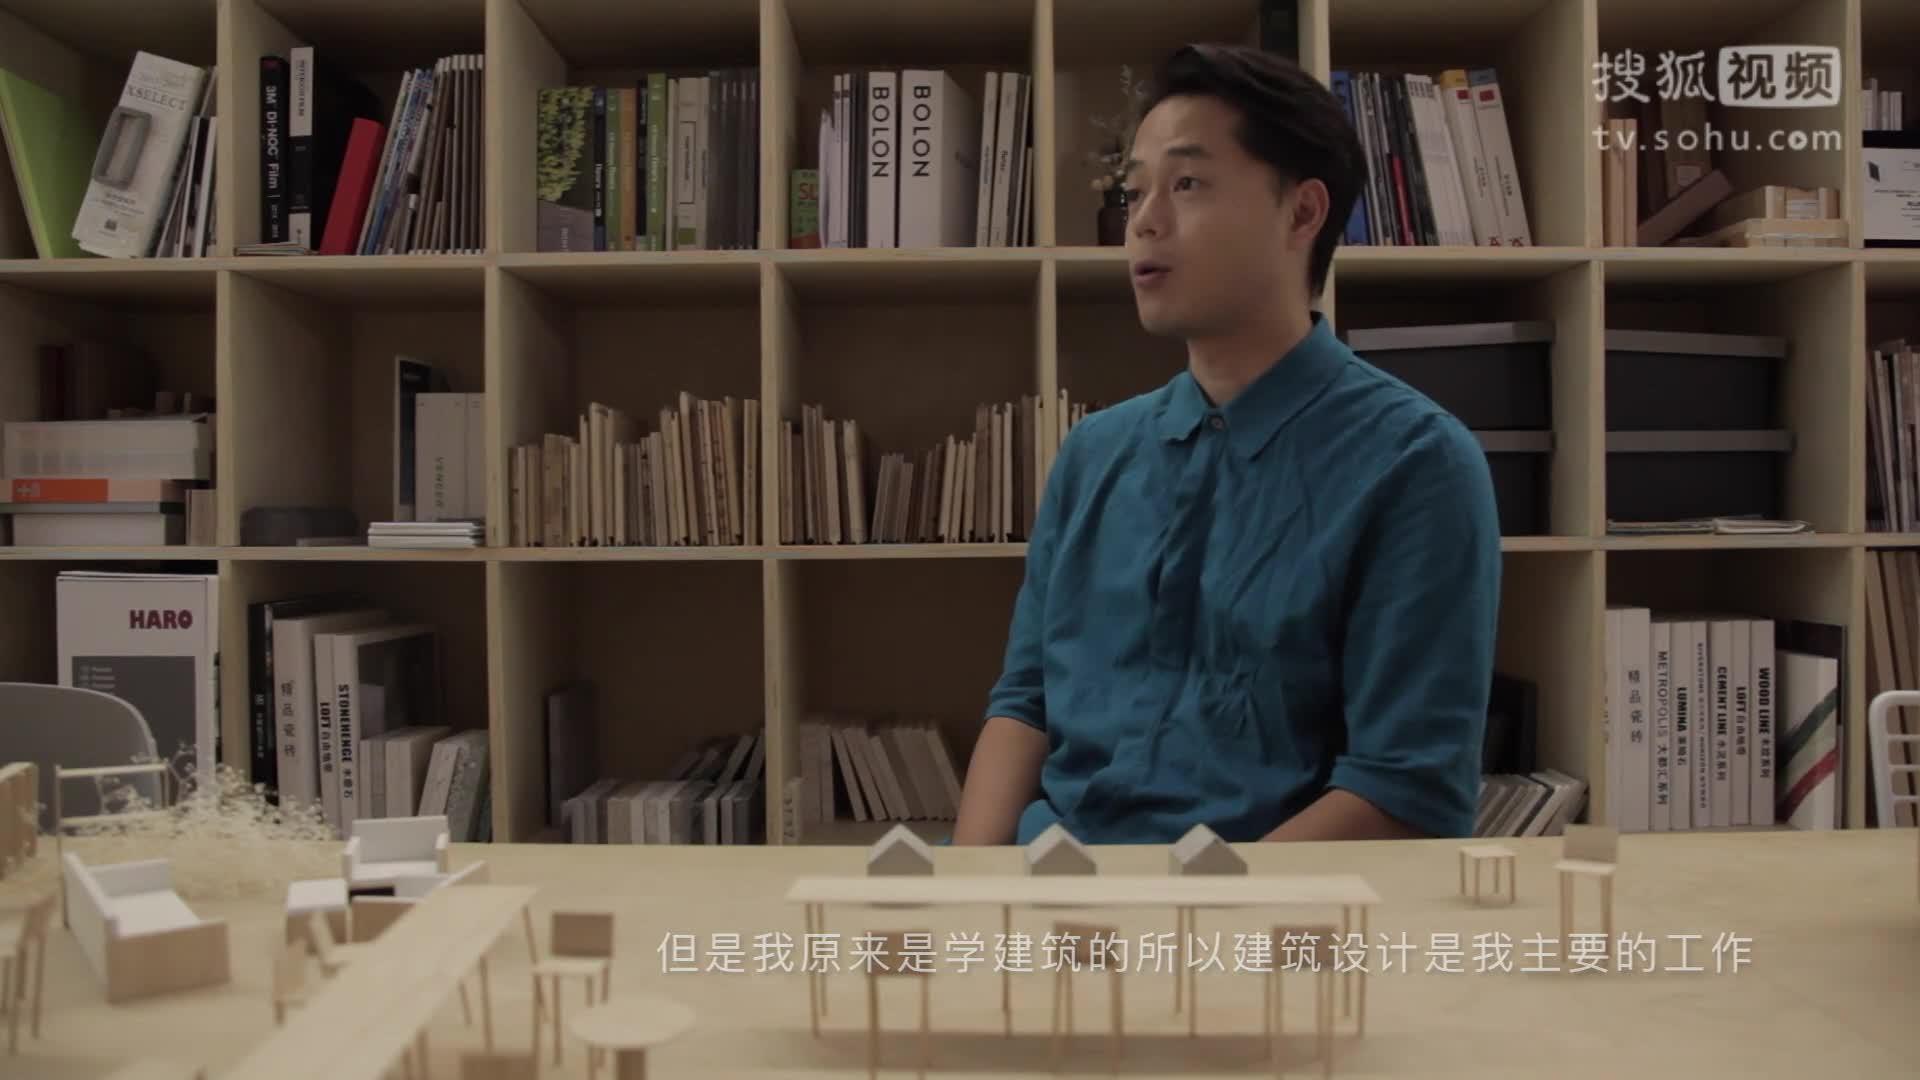 我是设计师:日本建筑设计师青山周平